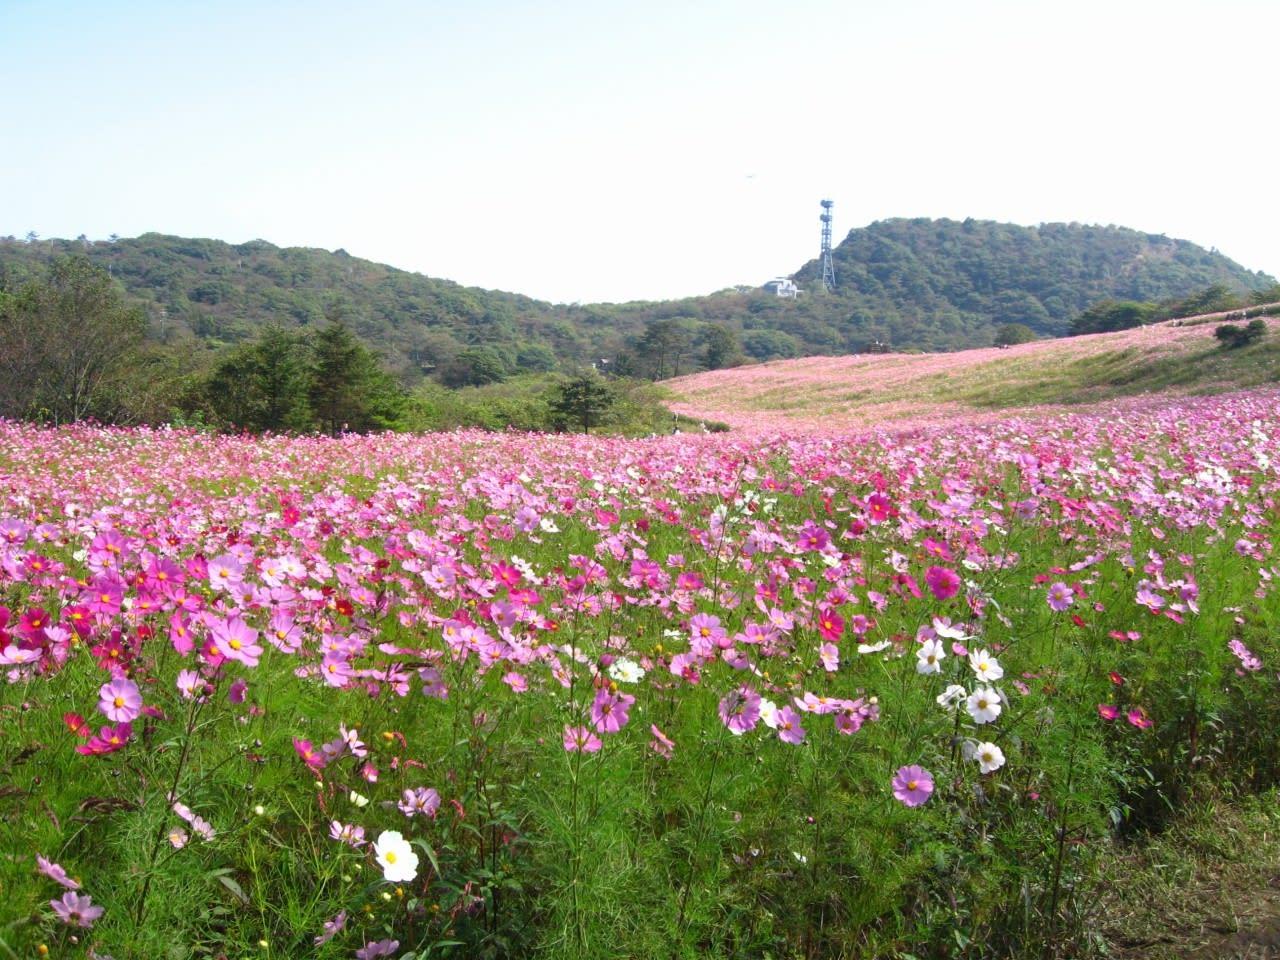 信州の秋 ・・ コスモス高原(2) - いみしん新聞・常陸の国